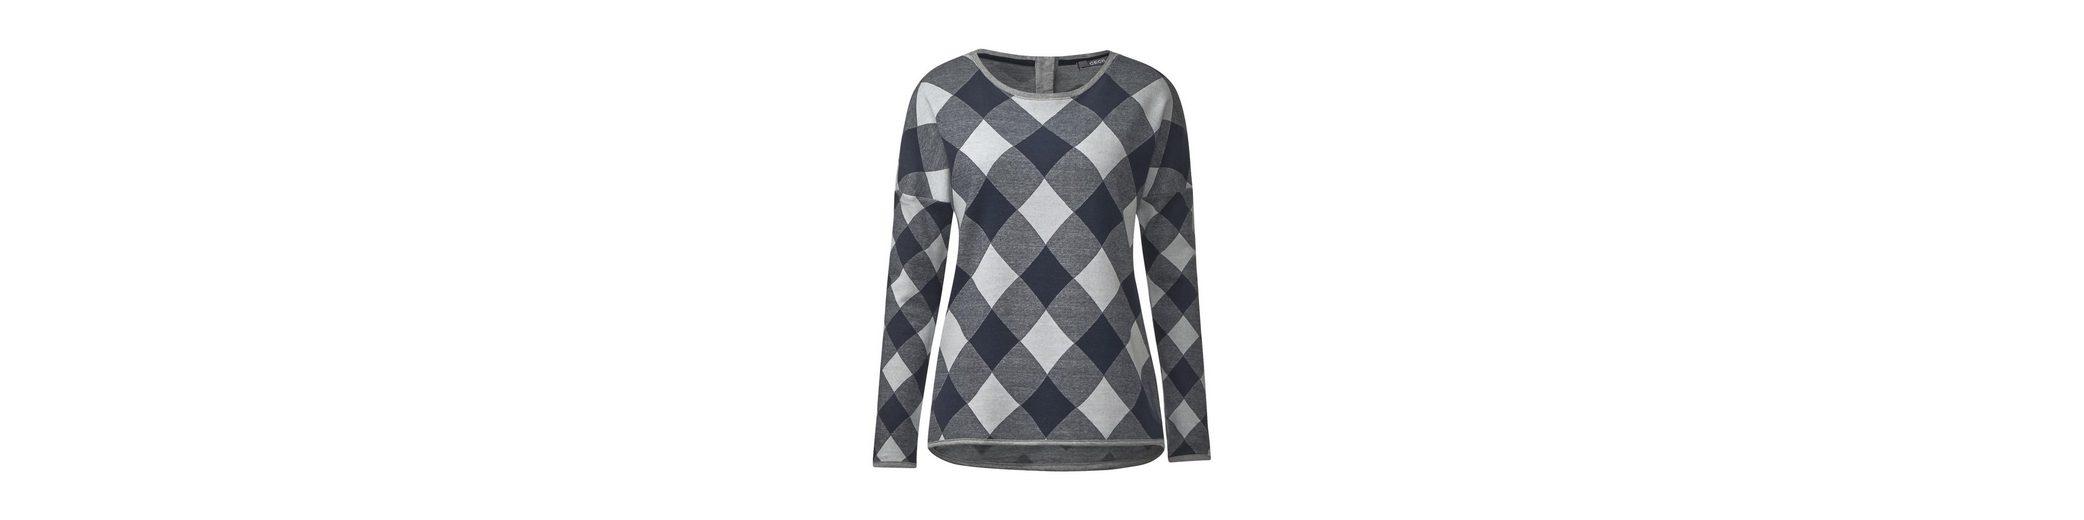 CECIL Sweatshirt im Karo-Design Steckdose Billig Authentisch MfakXTPaa